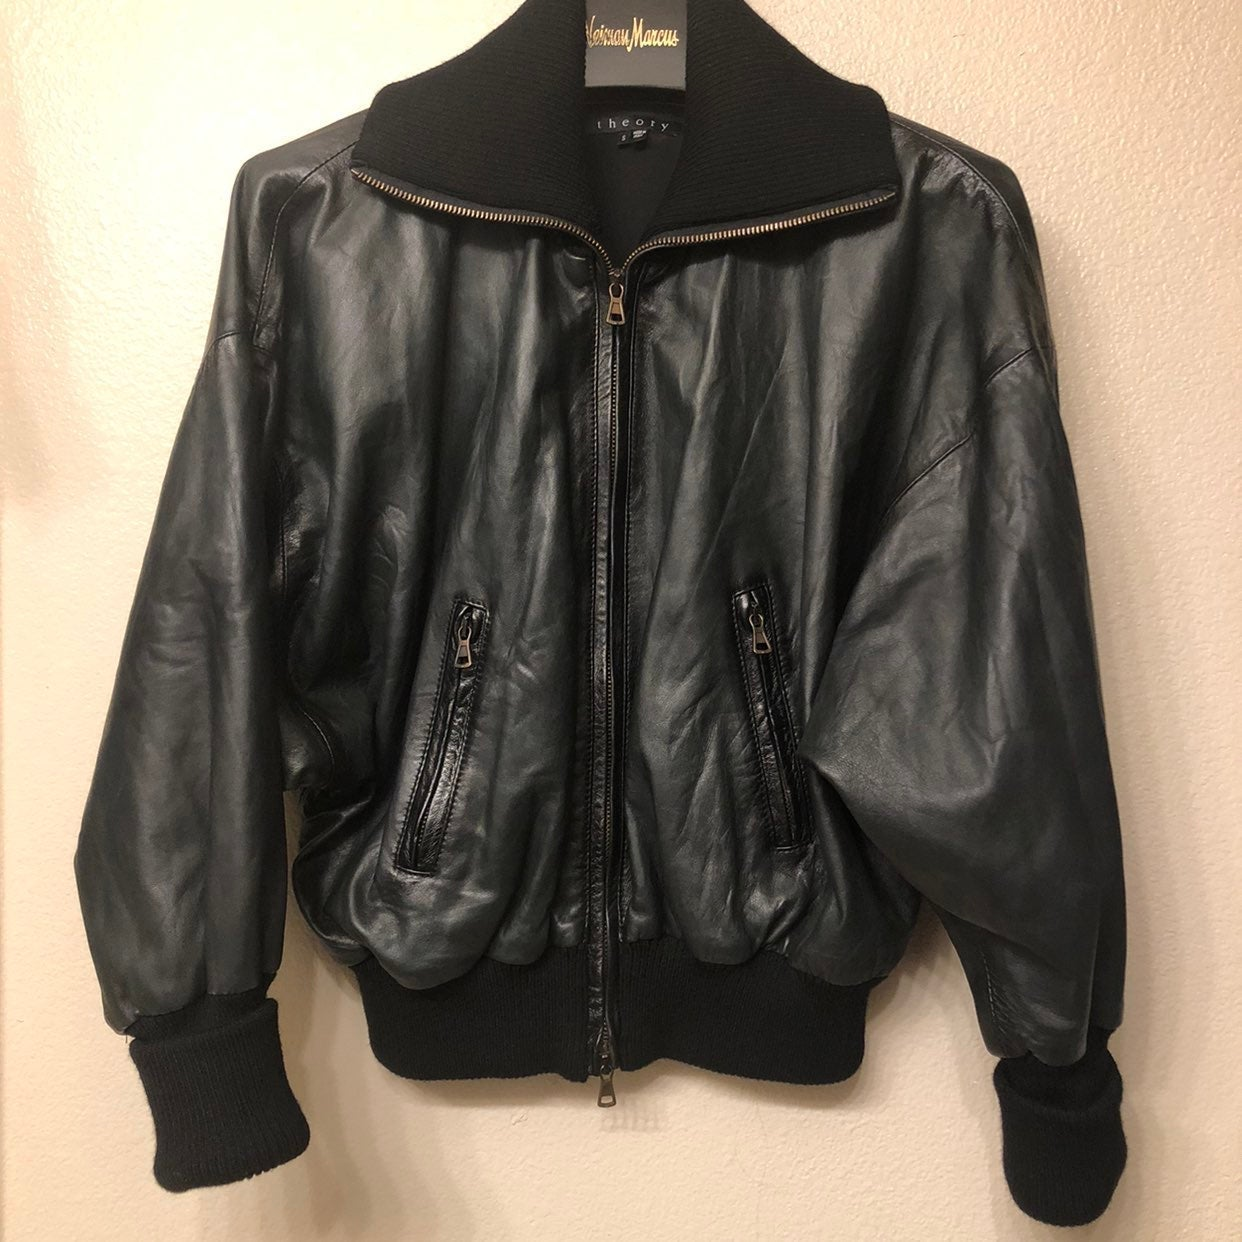 Theory Size S Leather Jacket Black